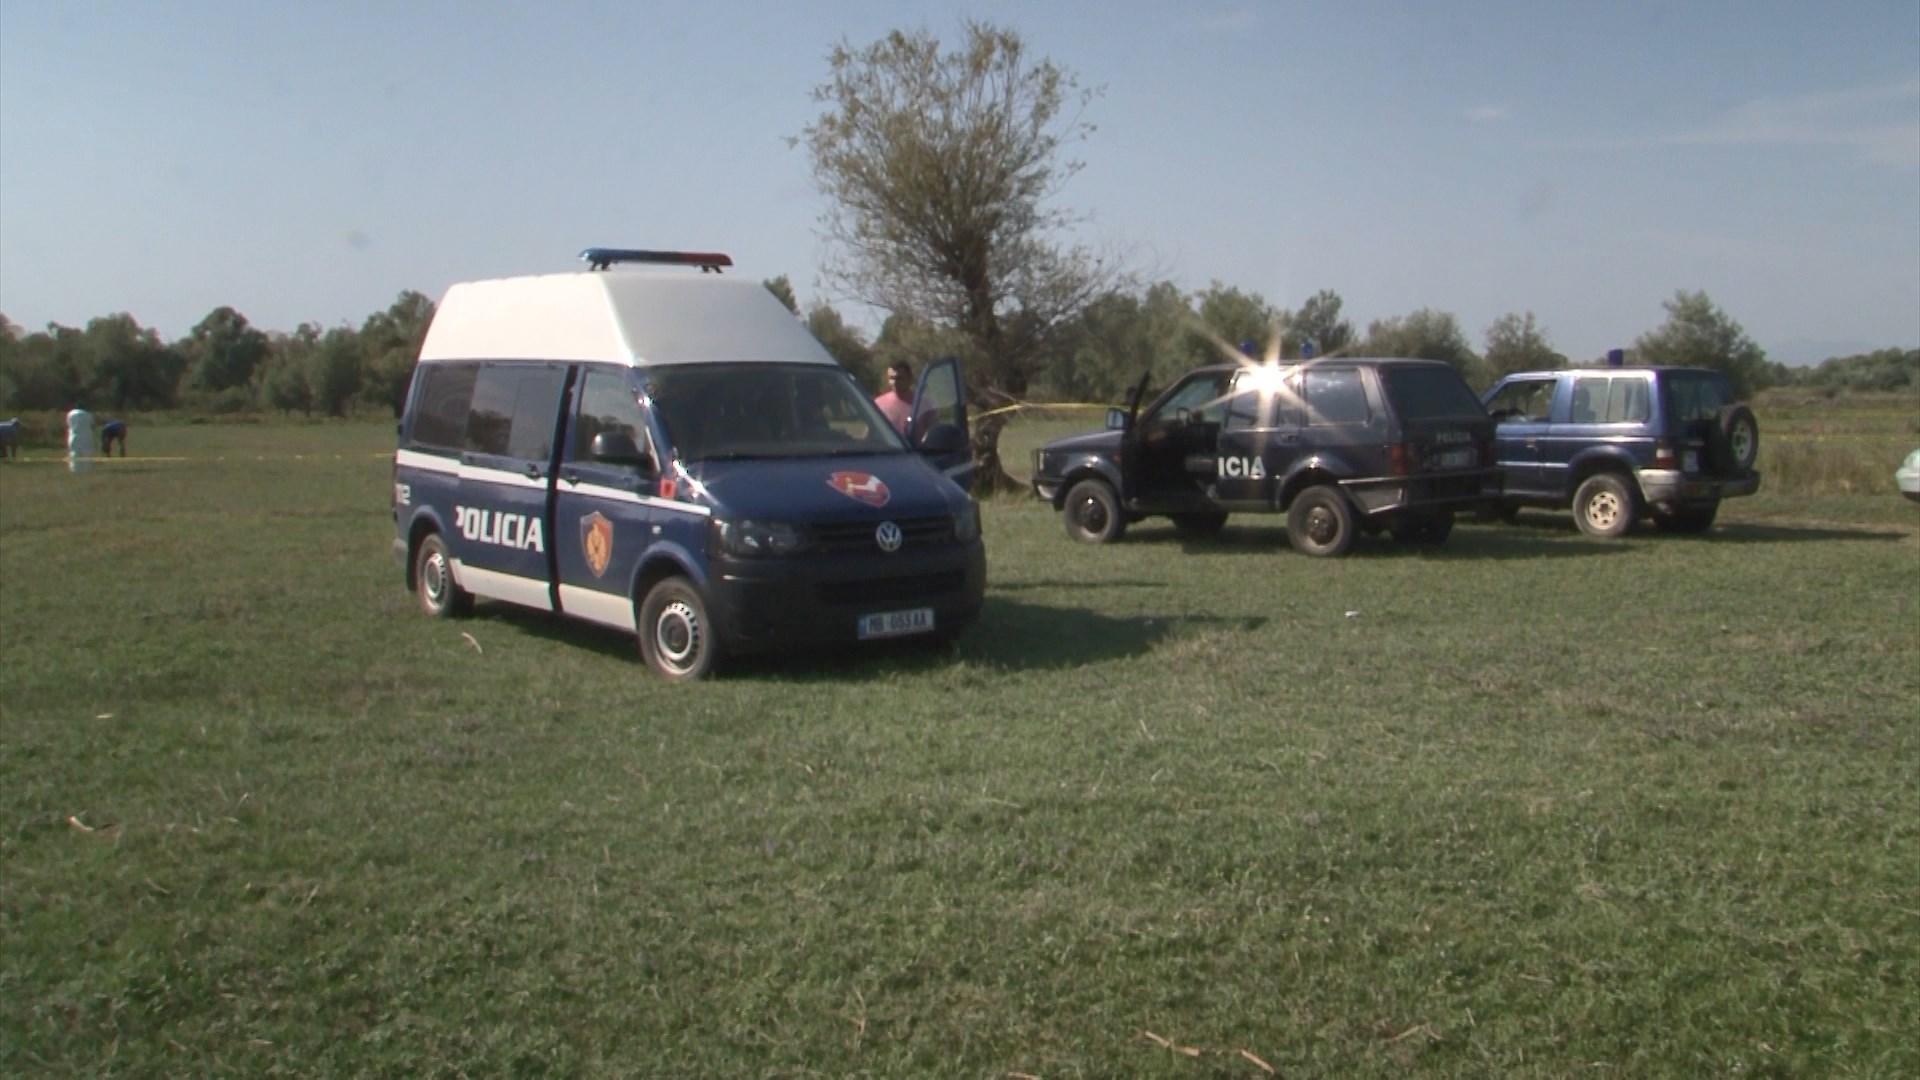 Vrasjet mafioze në Shkodër, në qytet veprojnë dy banda kriminale